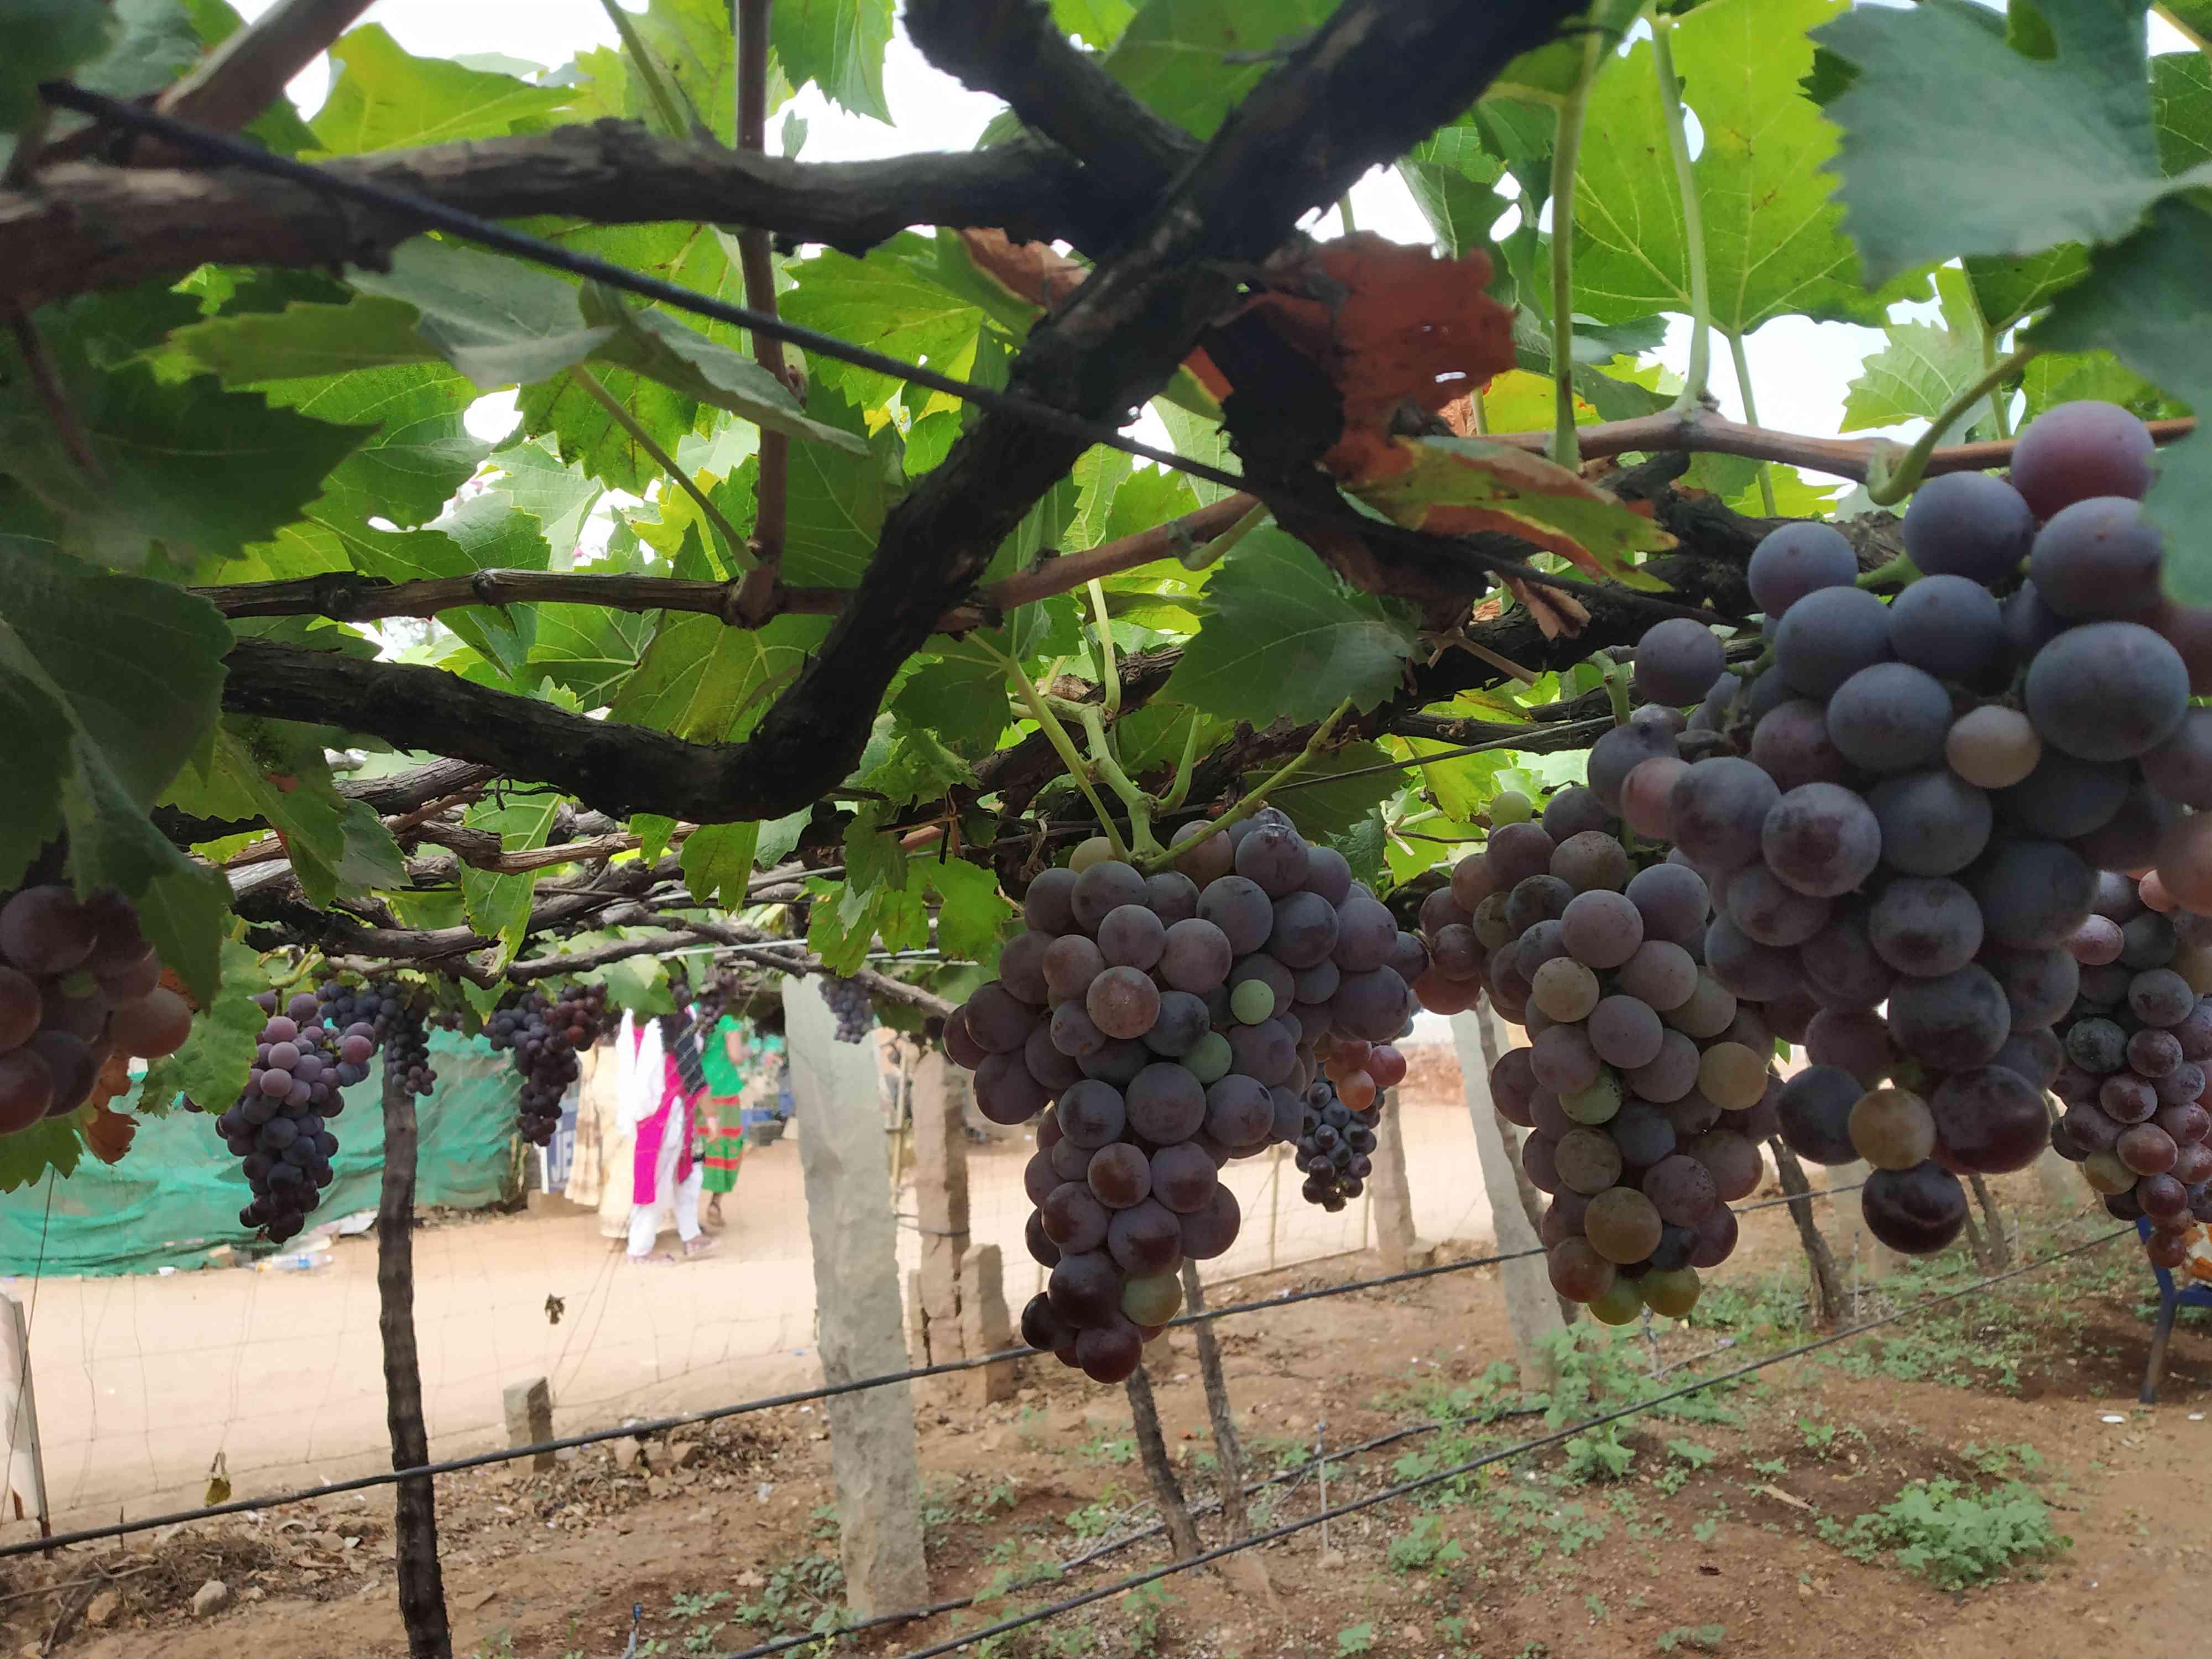 A grape orchard in Cumbum. Photo credit: Sruthisagar Yamunan